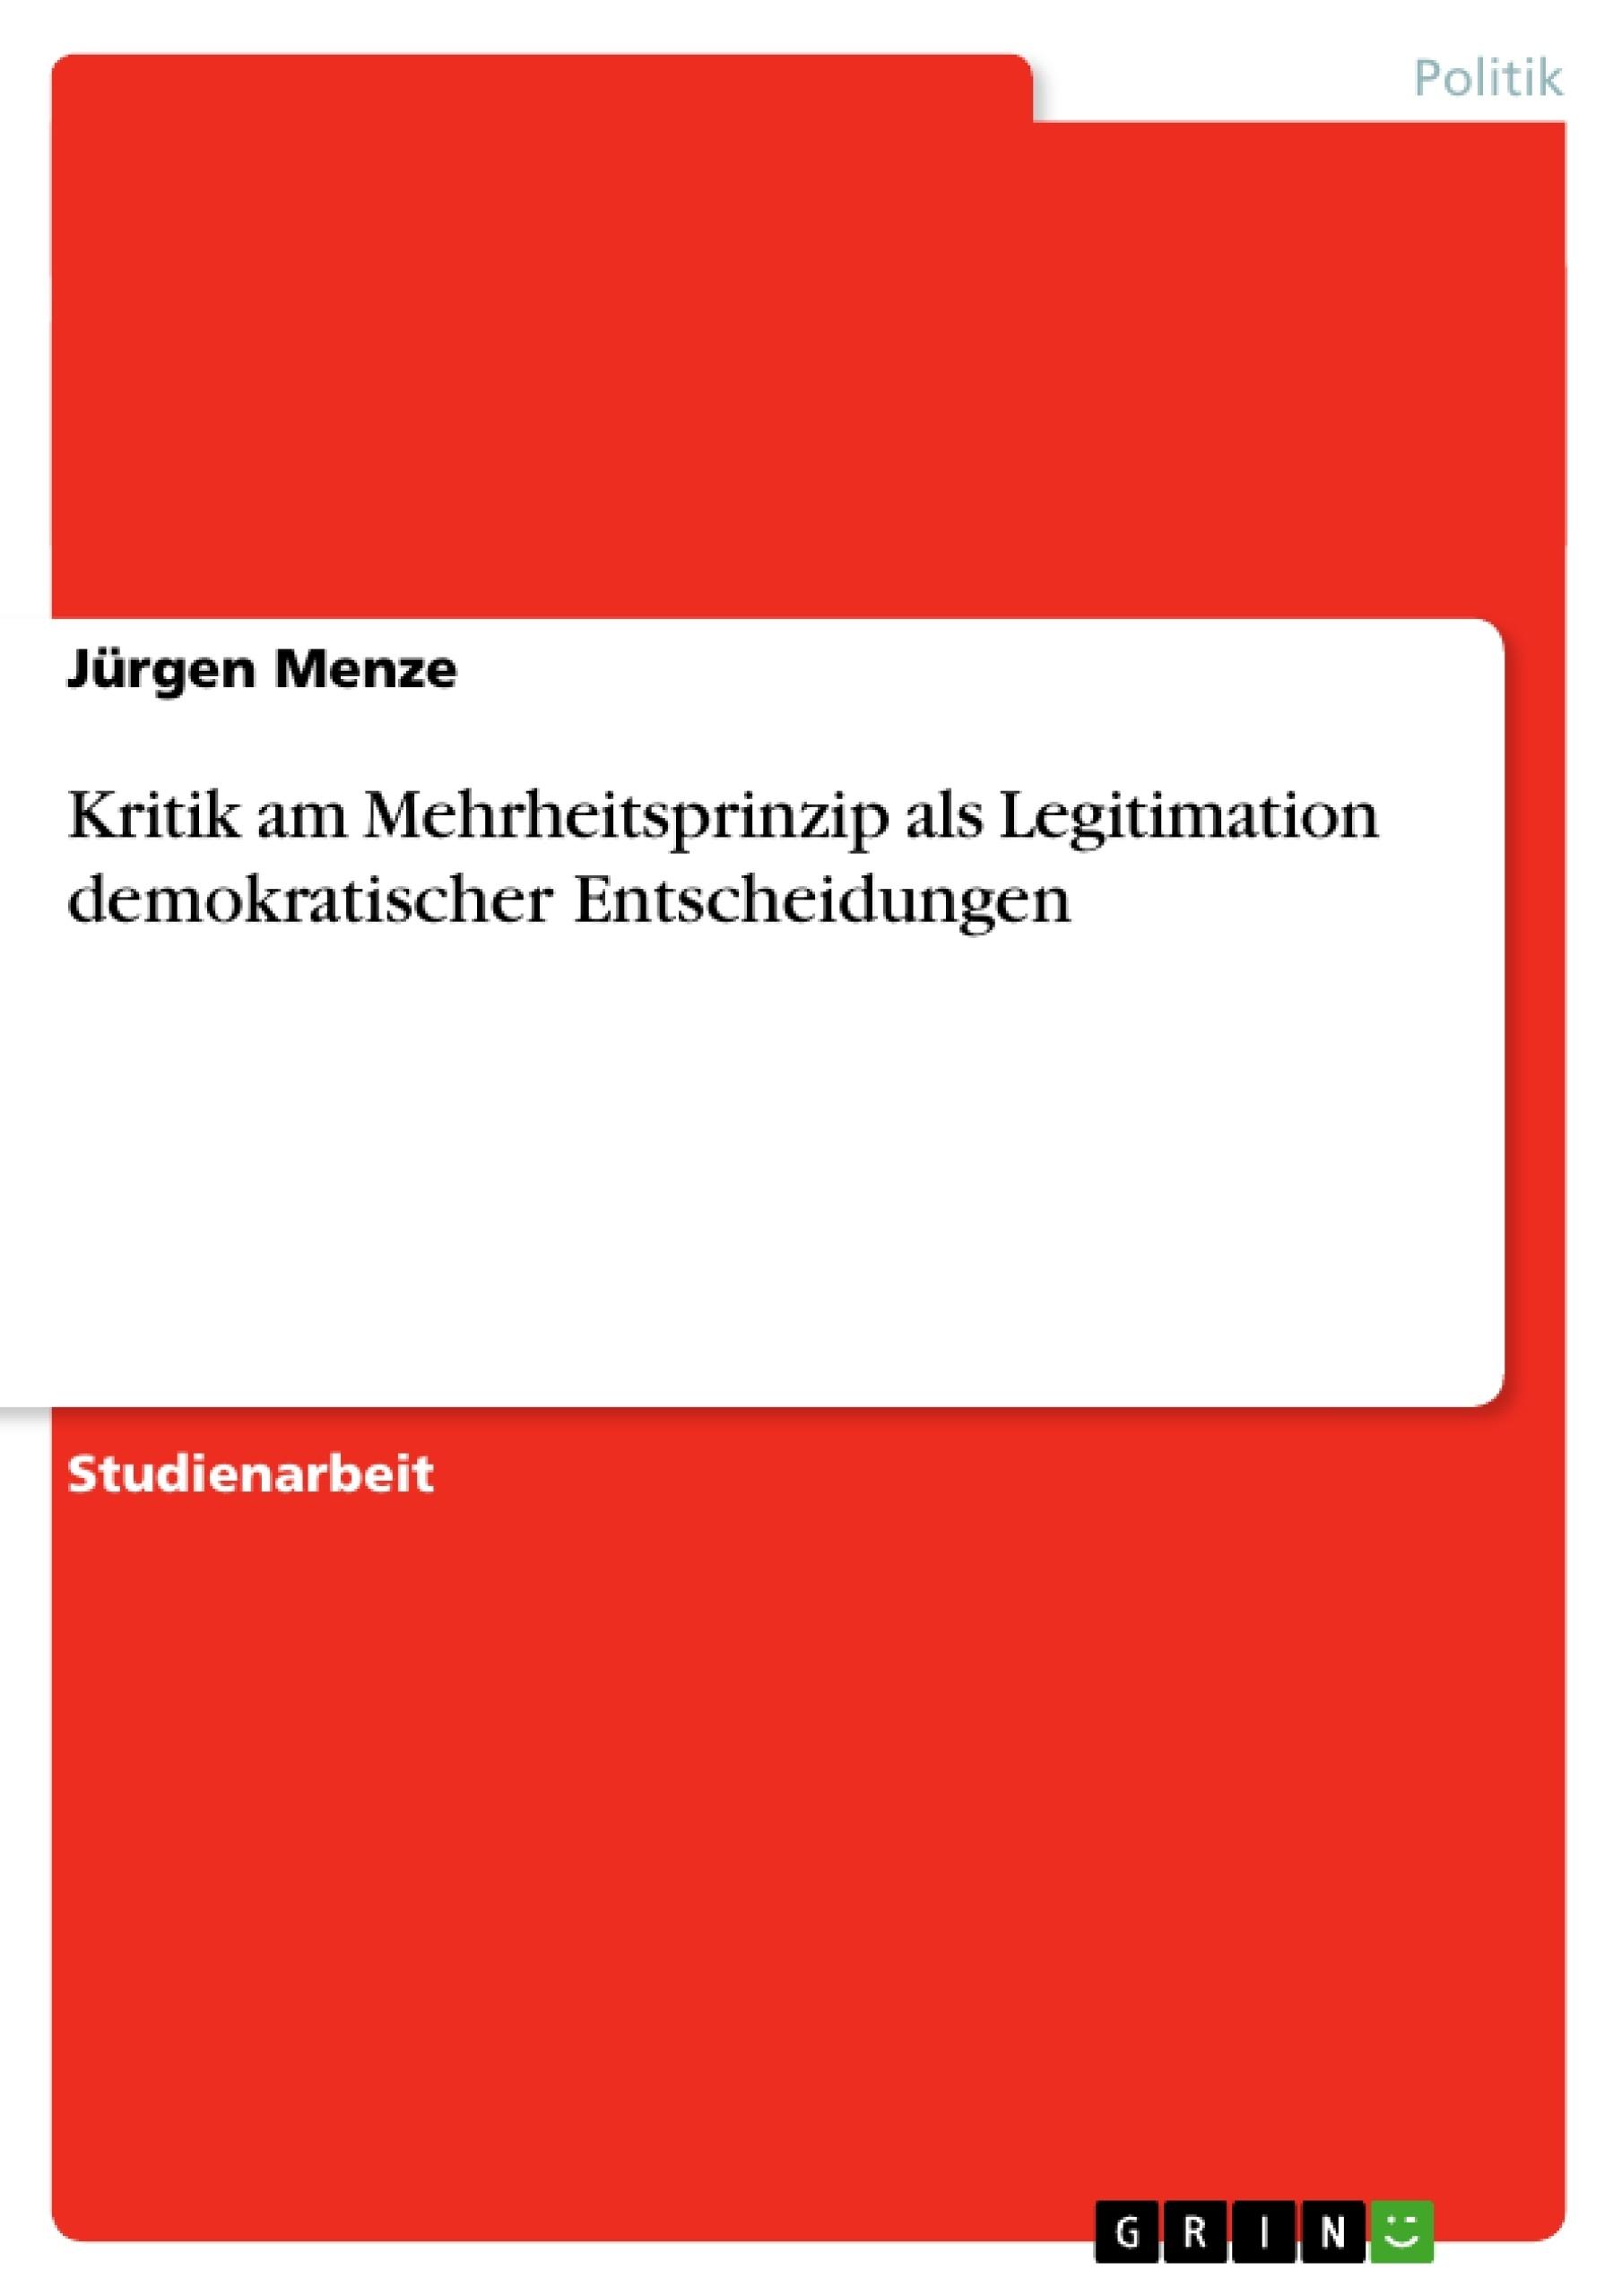 Titel: Kritik am Mehrheitsprinzip als Legitimation demokratischer Entscheidungen